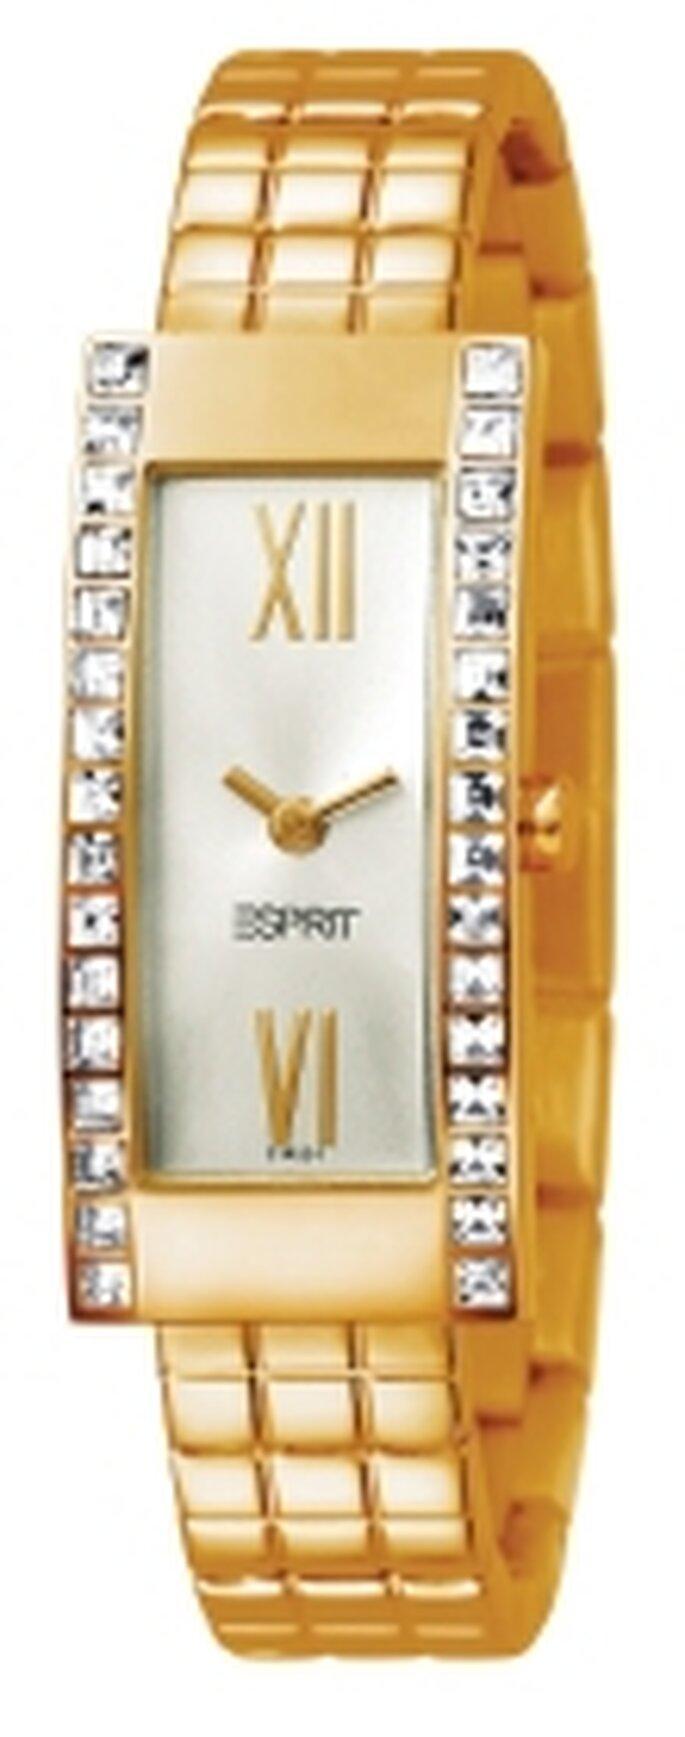 Accesorios: Reloj para el día de tu boda